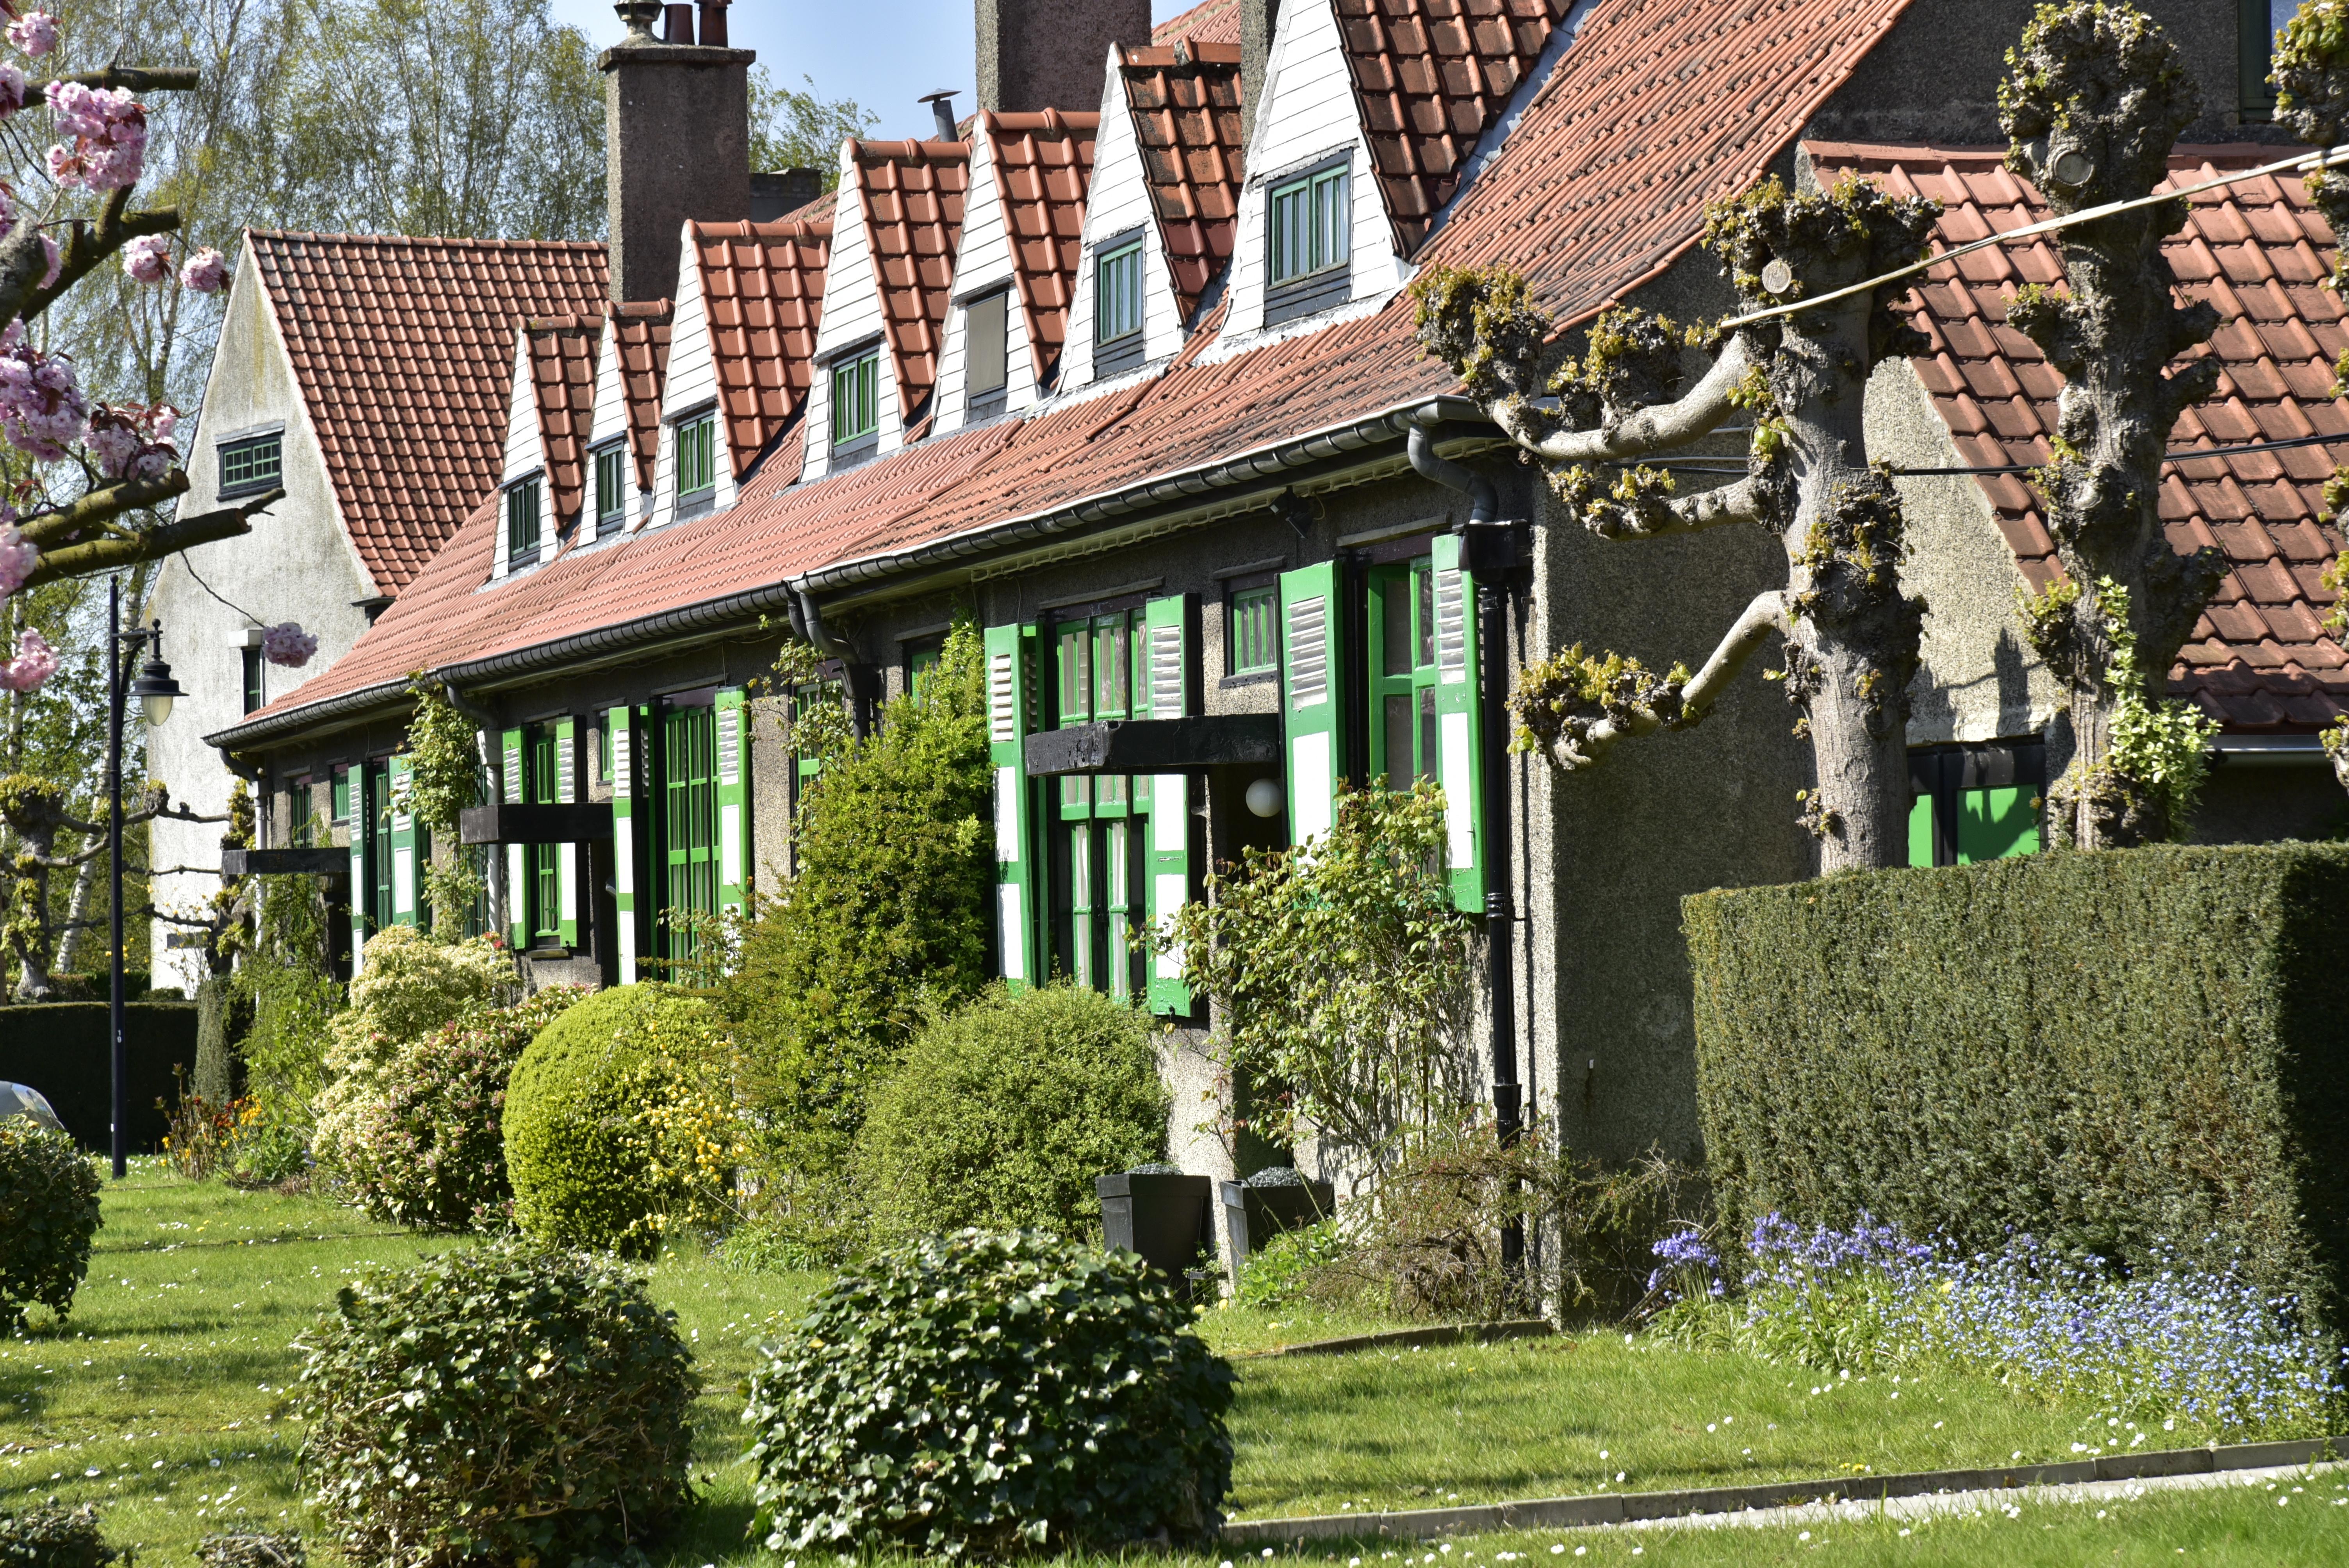 EU-rentals.com | Find apartments, rooms, sublets in Belgium.